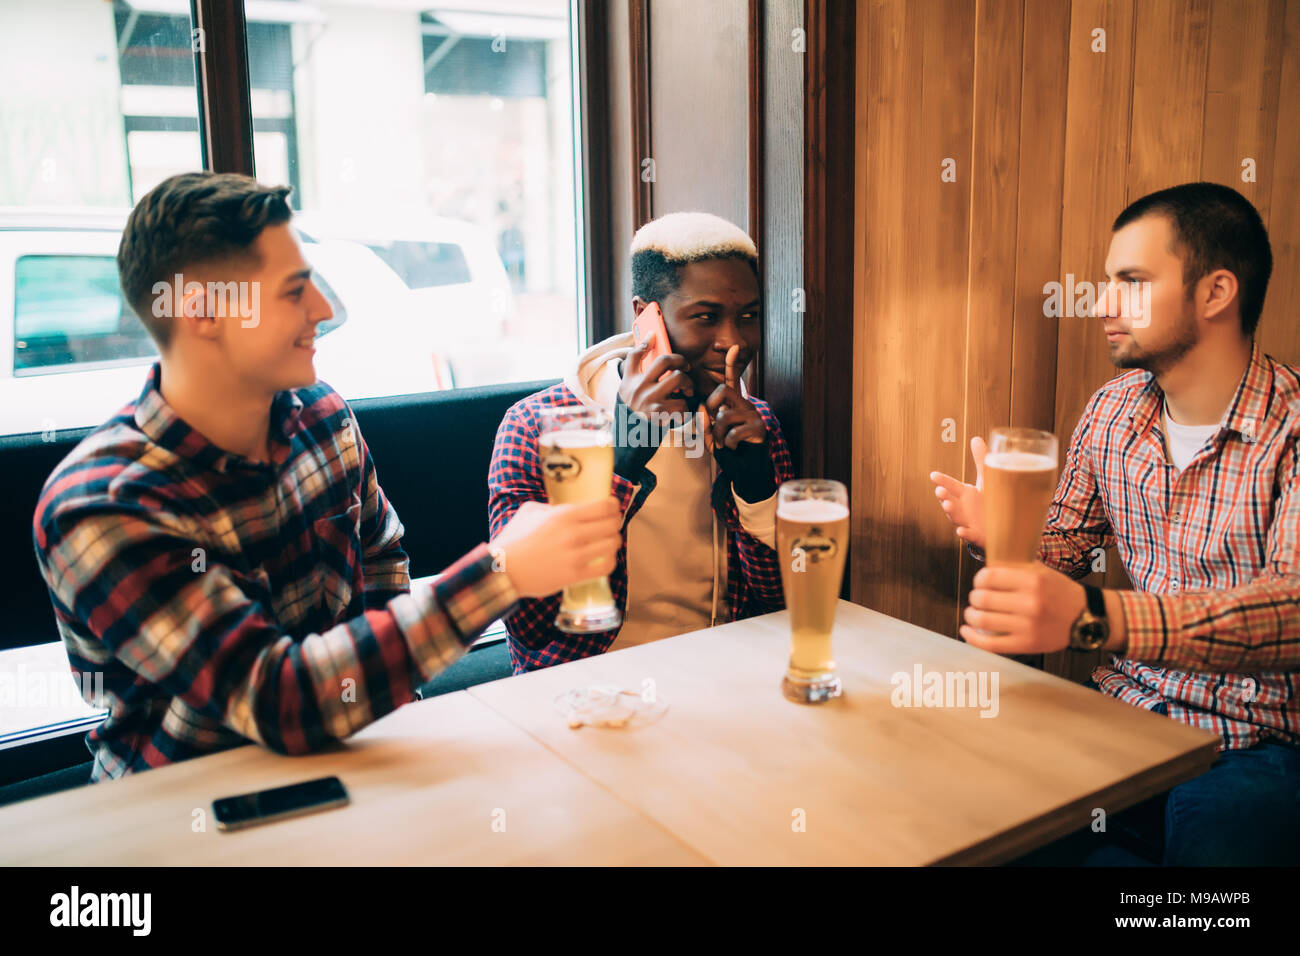 Zwei männliche Freunde in Bar werden Bier trinken und Kommunikation während einer am Telefon sprechen und bitten um Ruhe. Stockbild